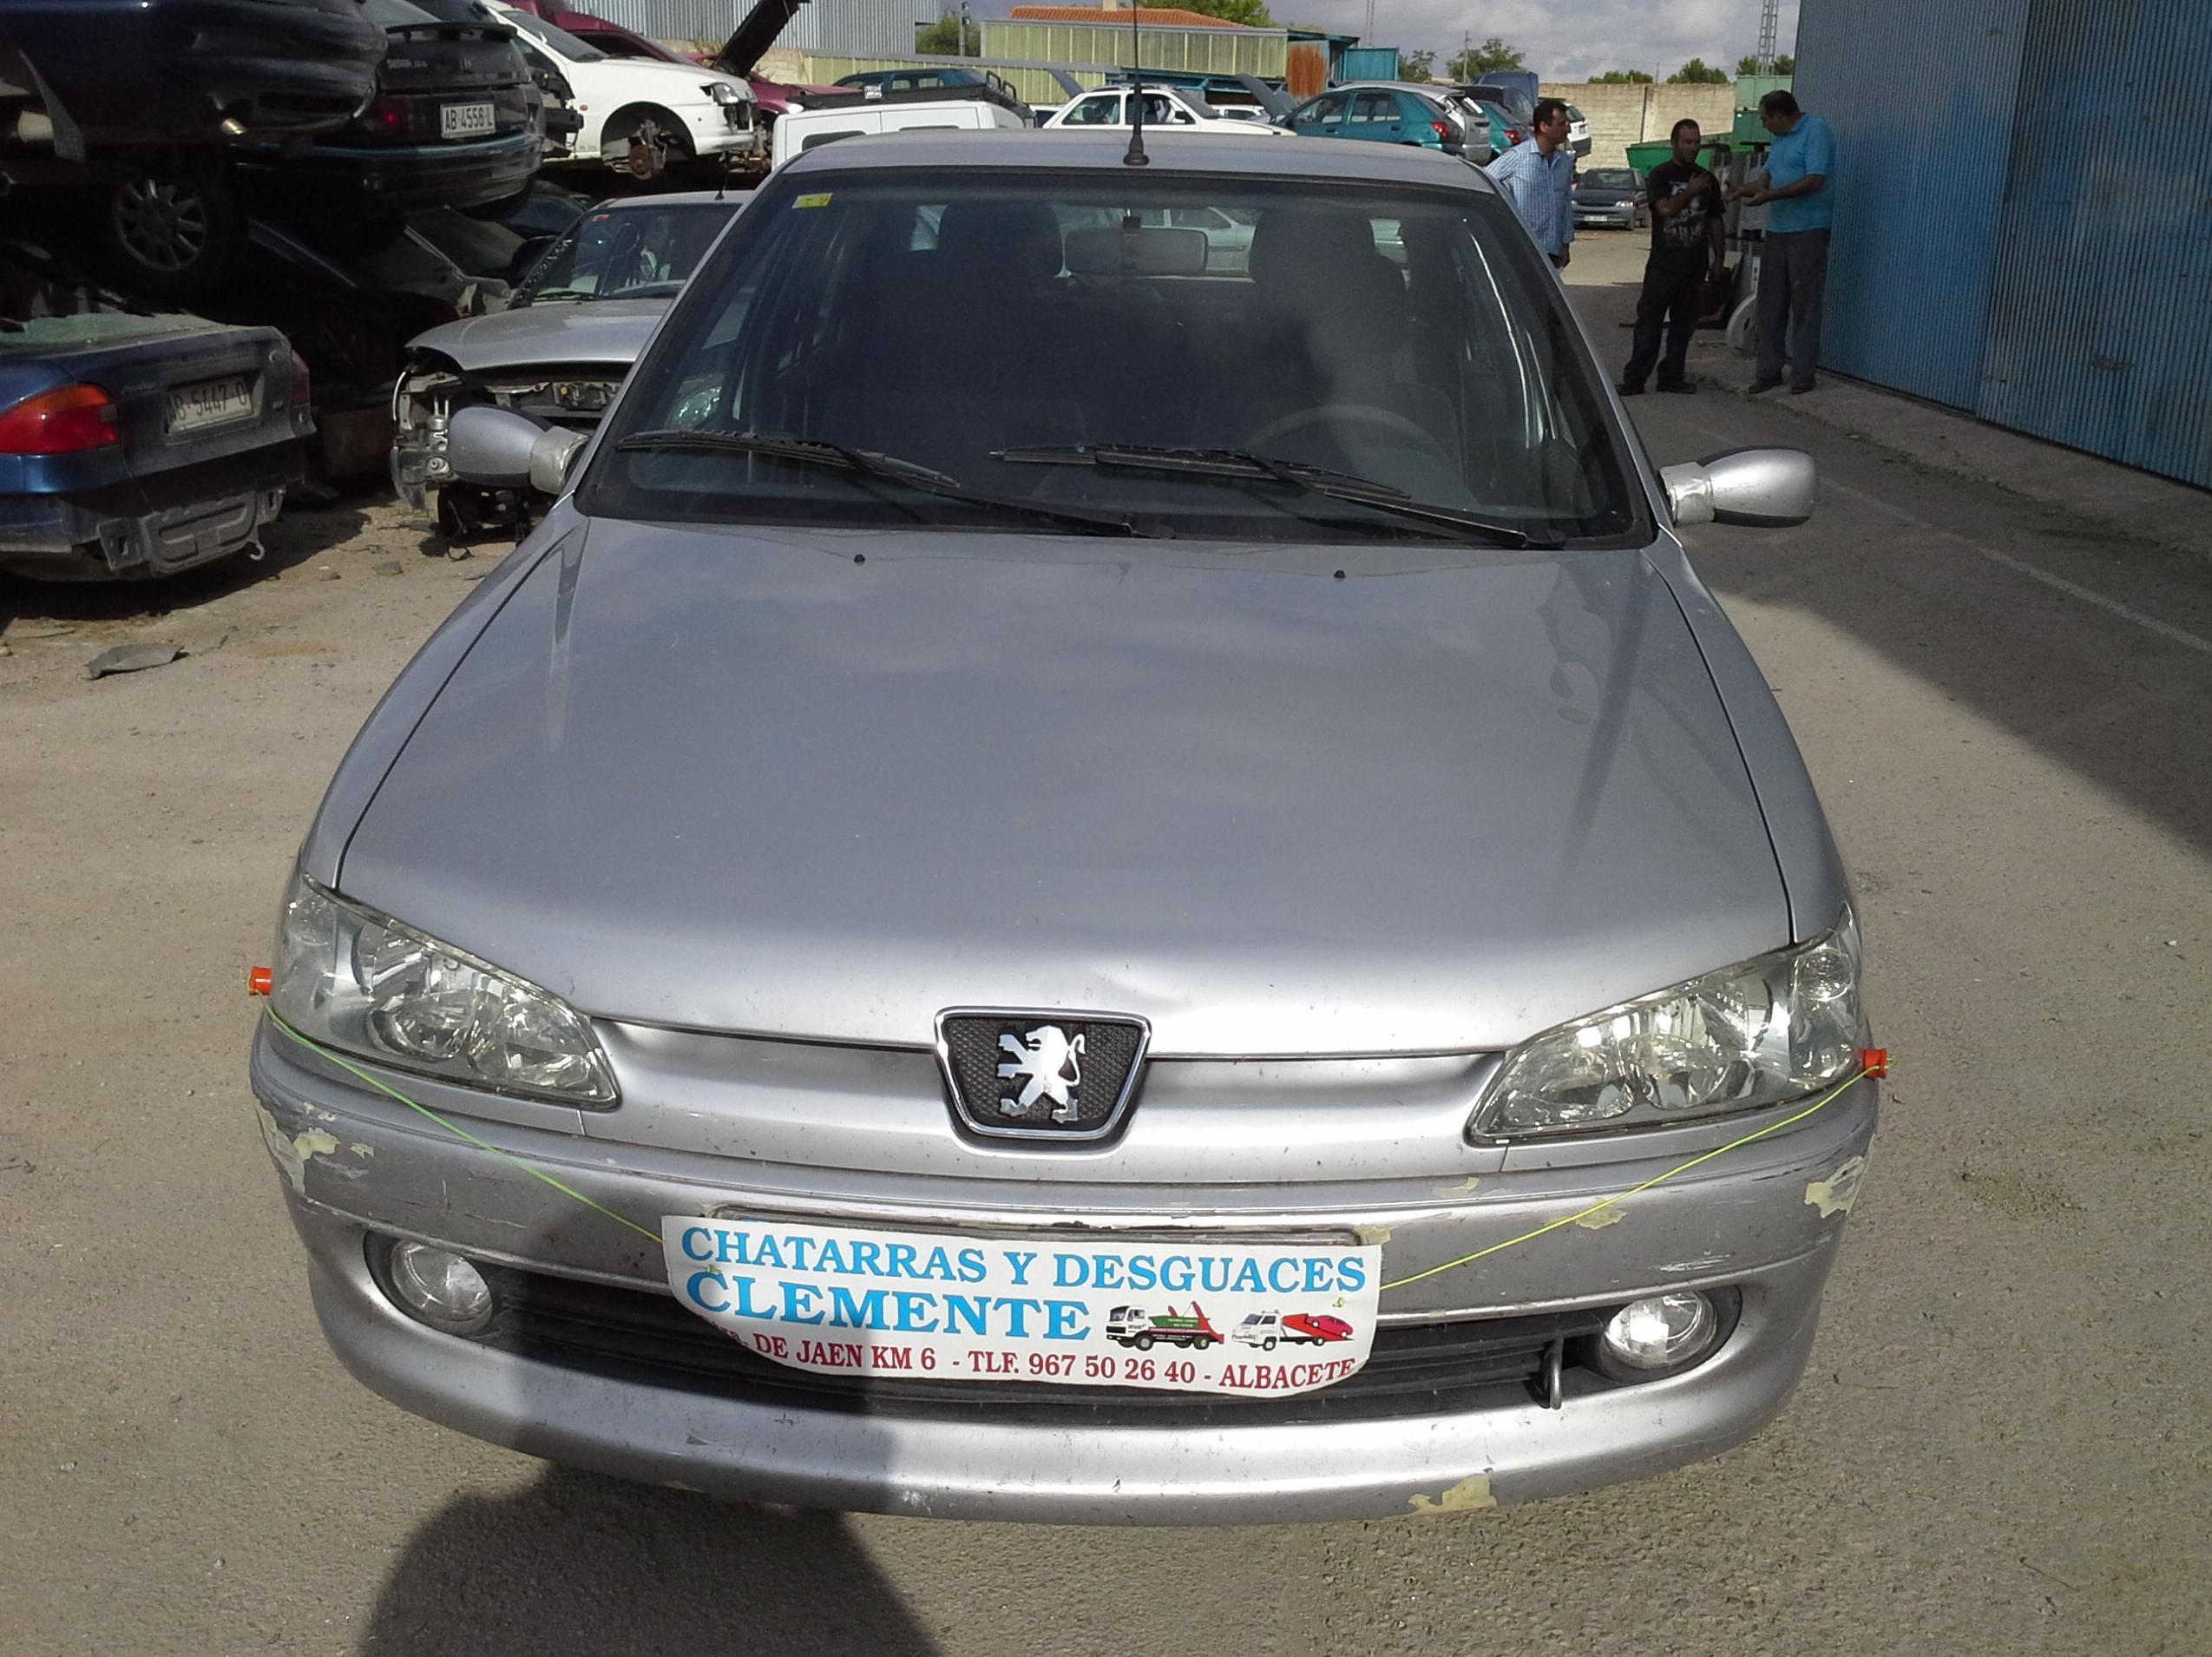 Peugeot 306 2.0 Hdi año 2000 para Desguace en Desguaces Clemente de Albacete